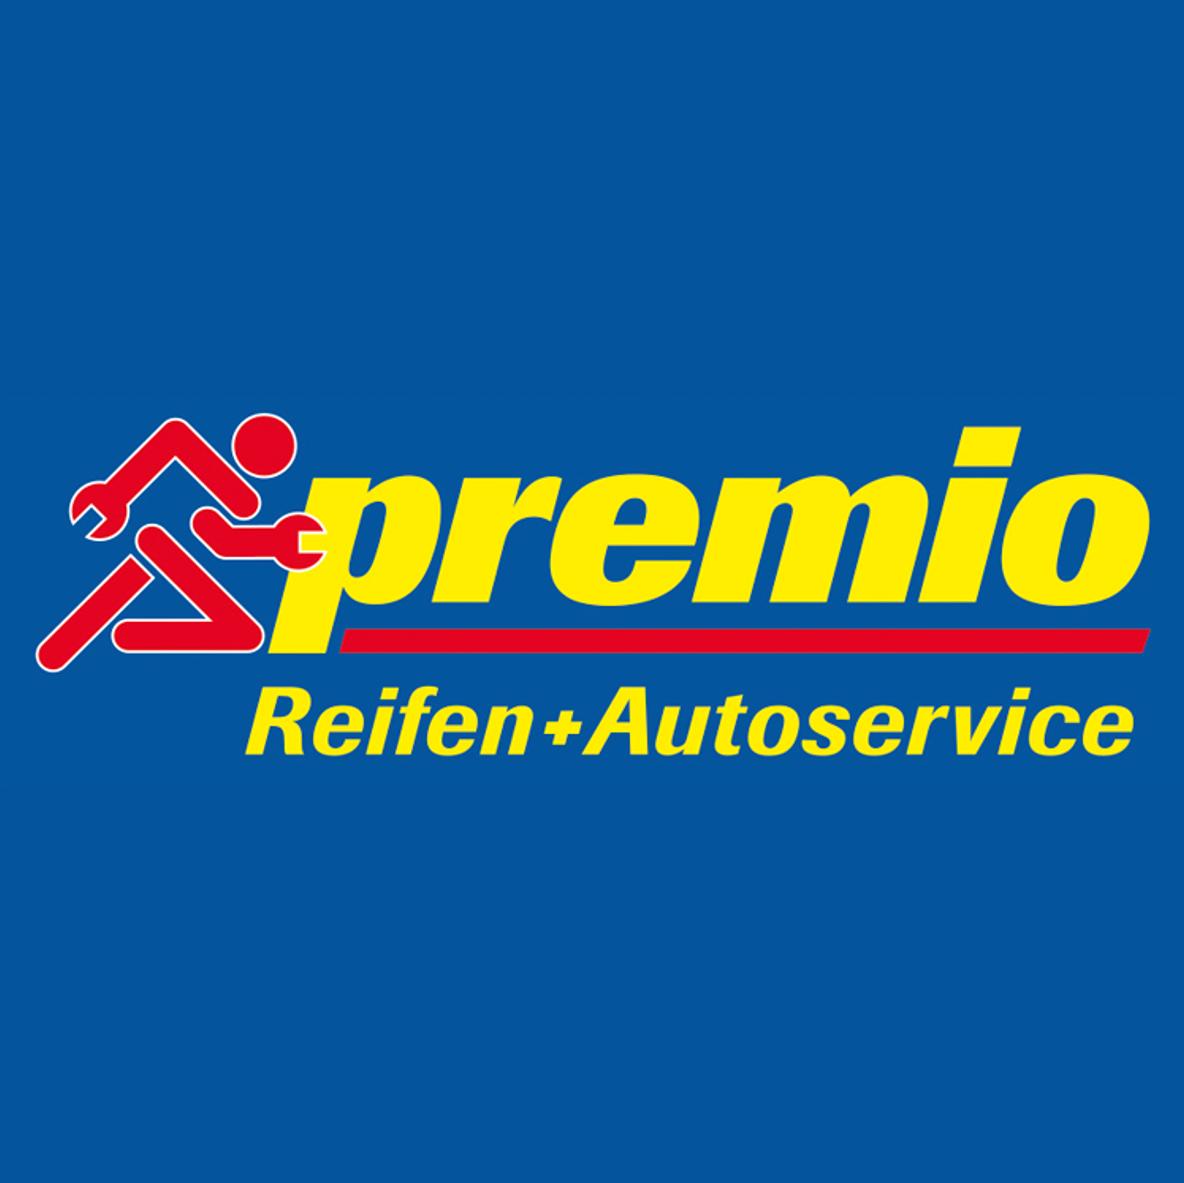 Premio Reifen + Autoservice G & H Reifen und Autoservice GmbH